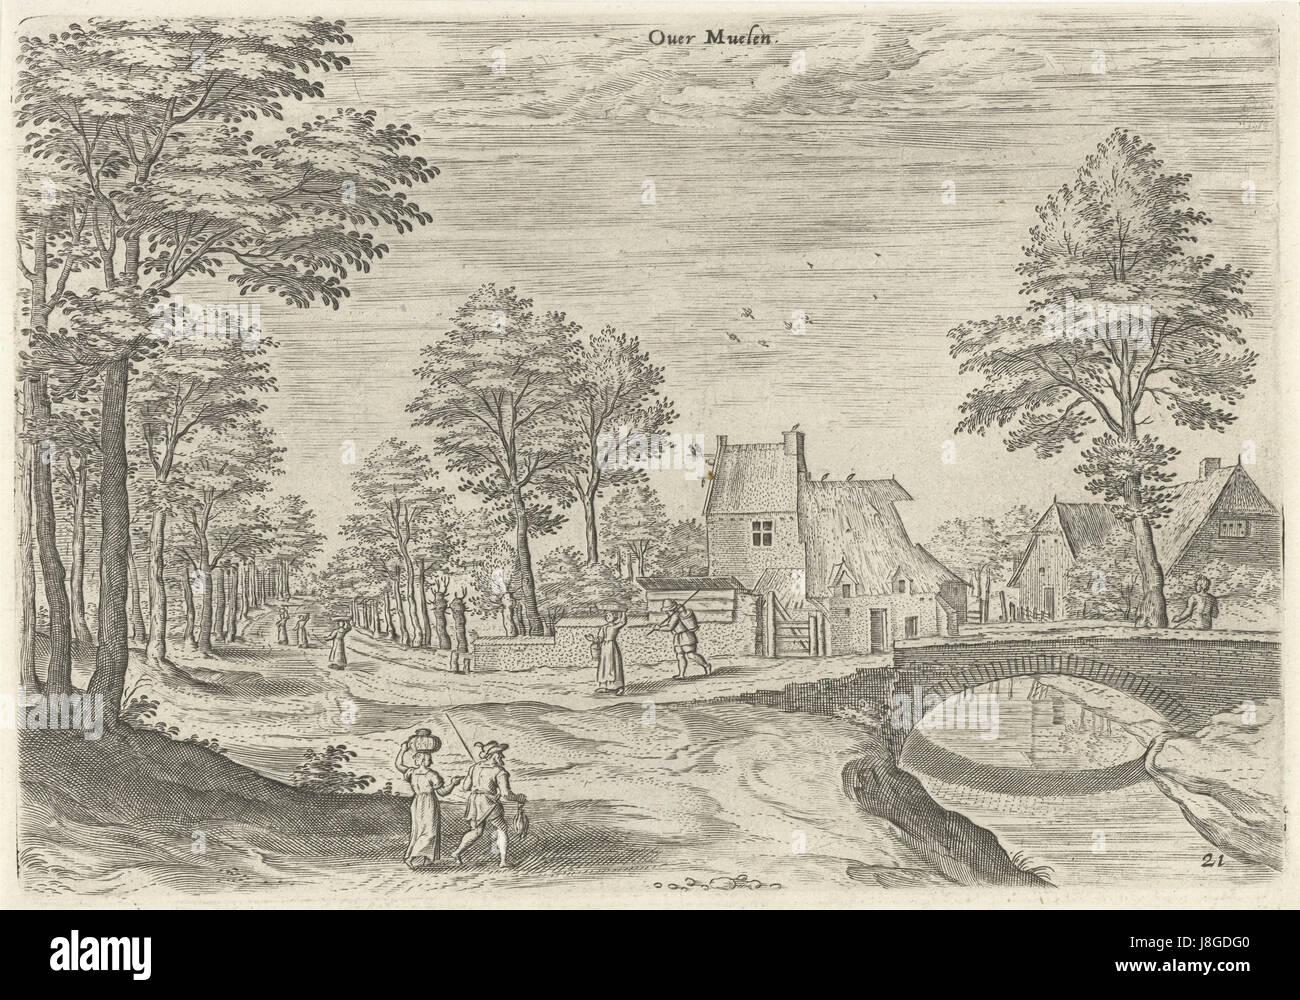 Gezicht op de weg naar de Brusselse stadspoort Overmolen, Hans Collaert (I), naar Hans Bol, Jacob Grimmer, 1530 - Stock Image